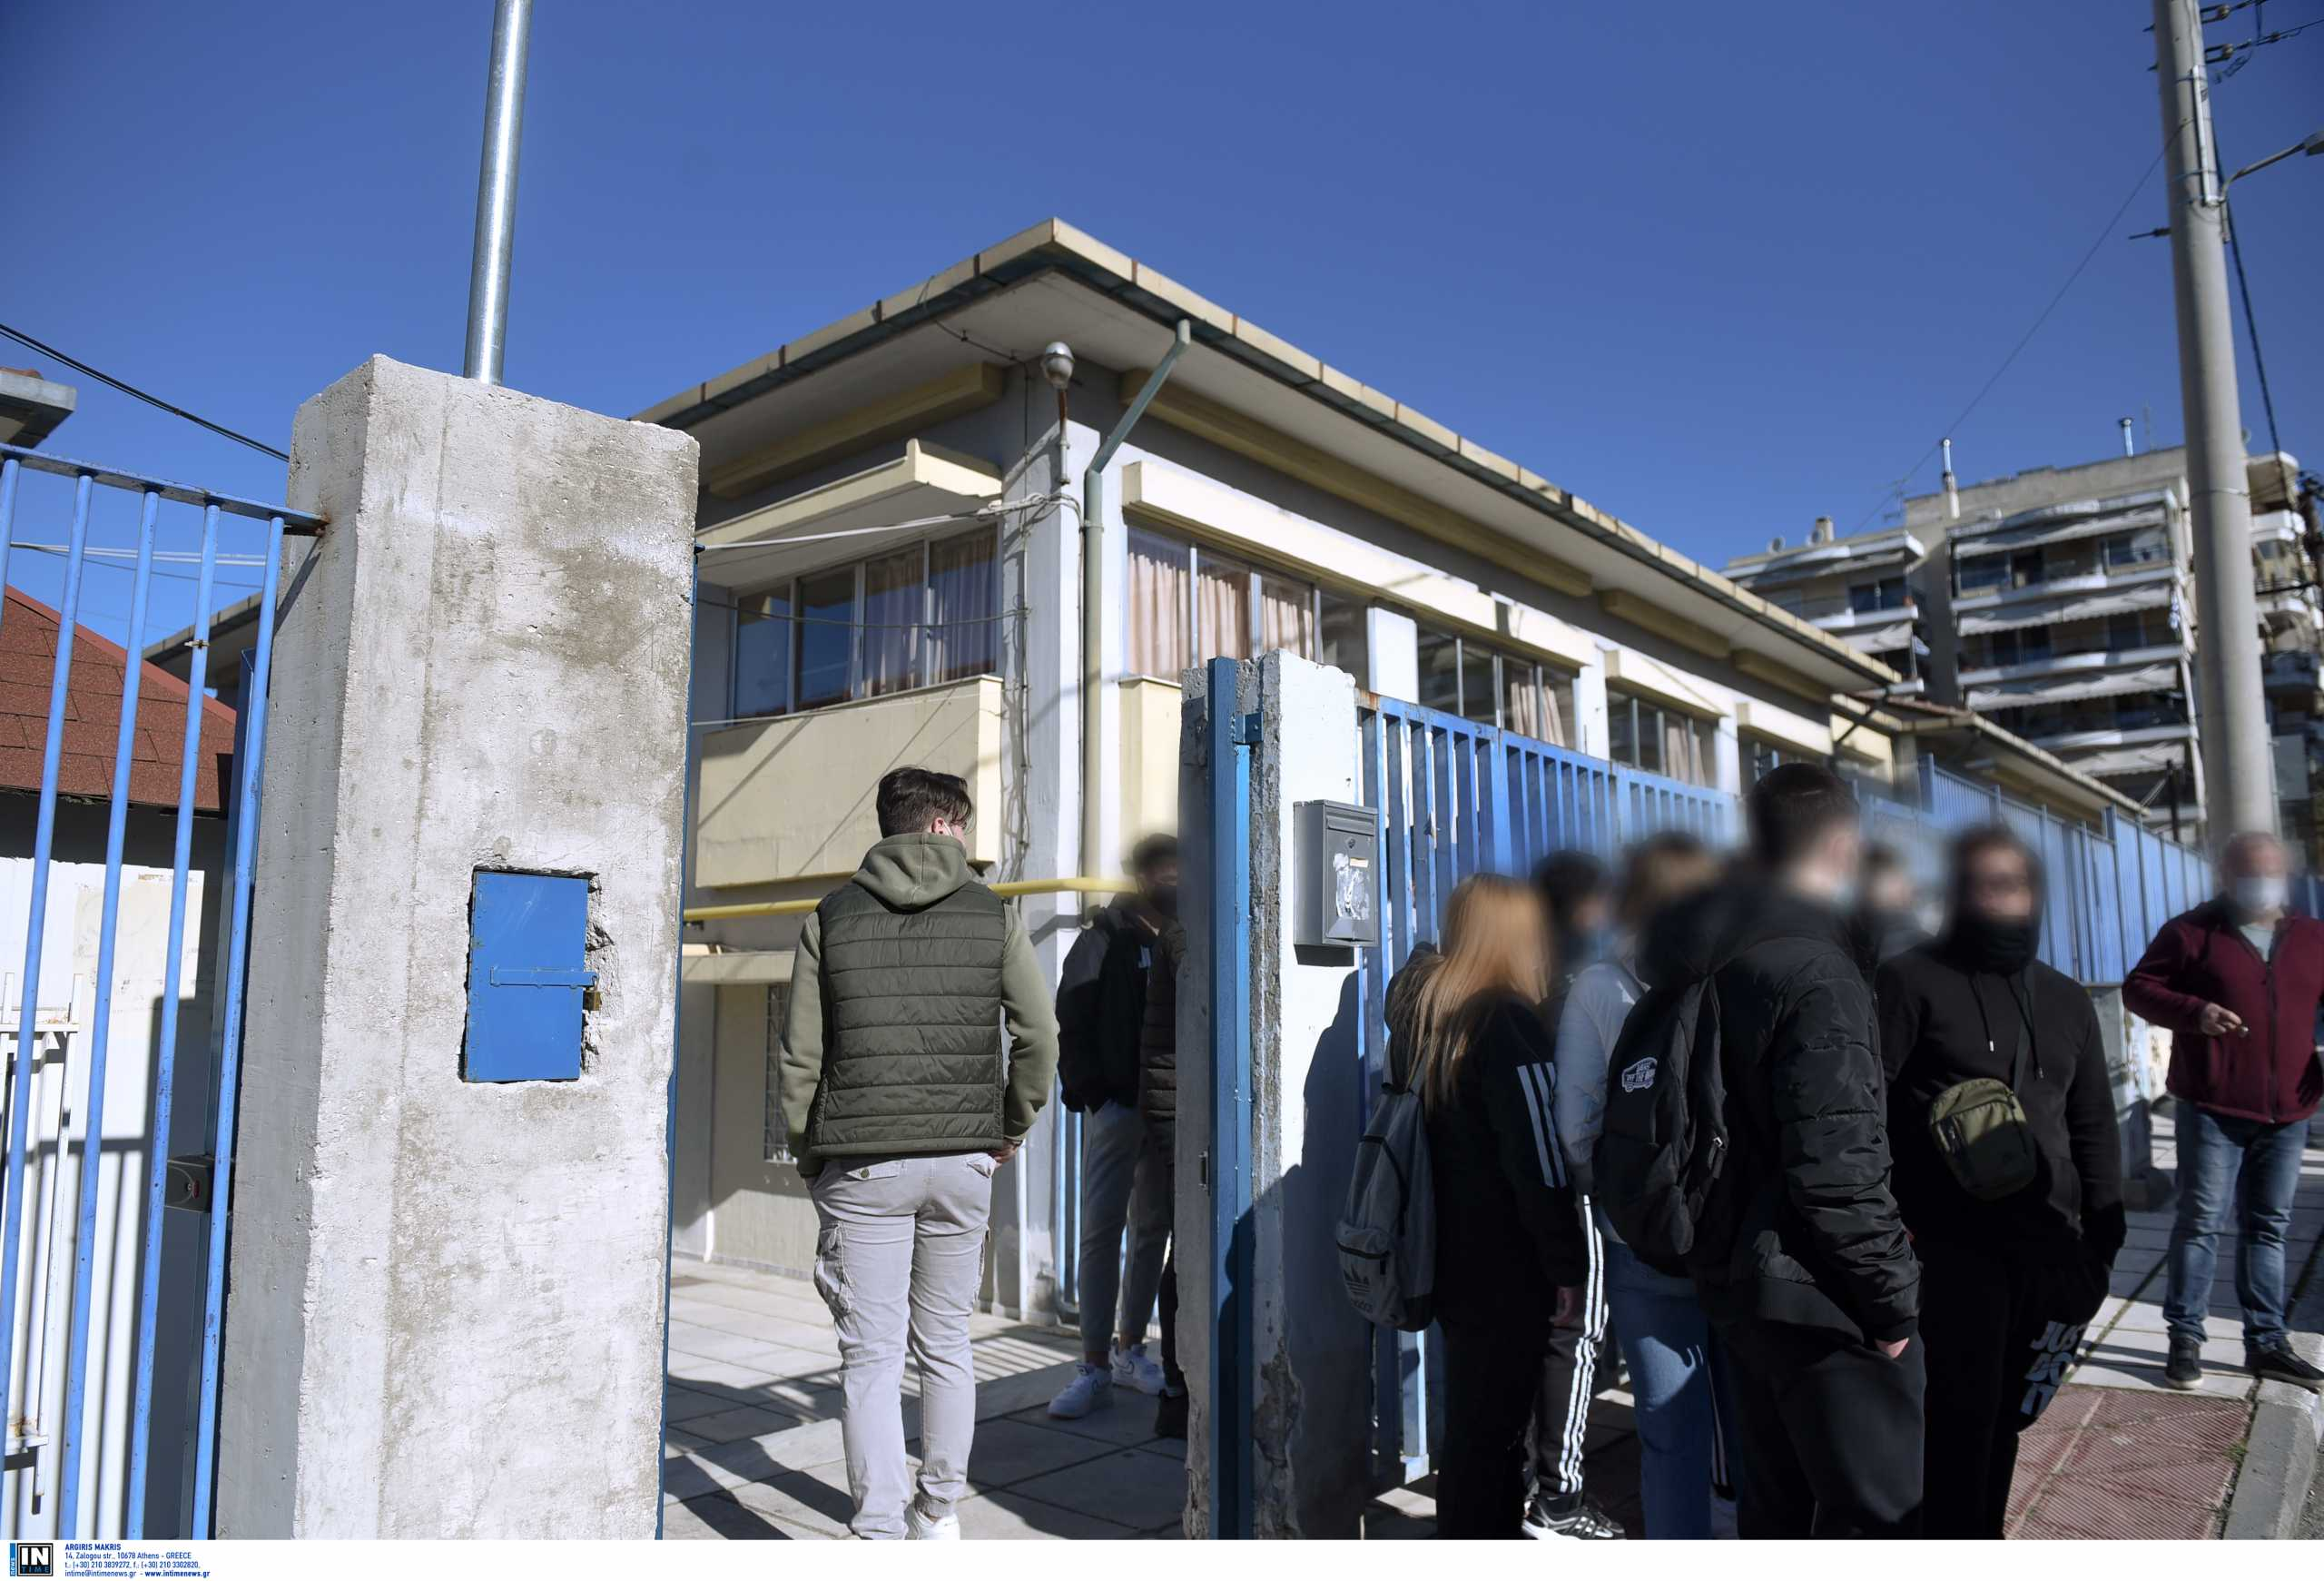 Θεσσαλονίκη: Τηλεκπαίδευση μετά την κατάληψη παρωδία – Η απόφαση μετά την ένταση στο ΓΕΛ Ευόσμου (video)